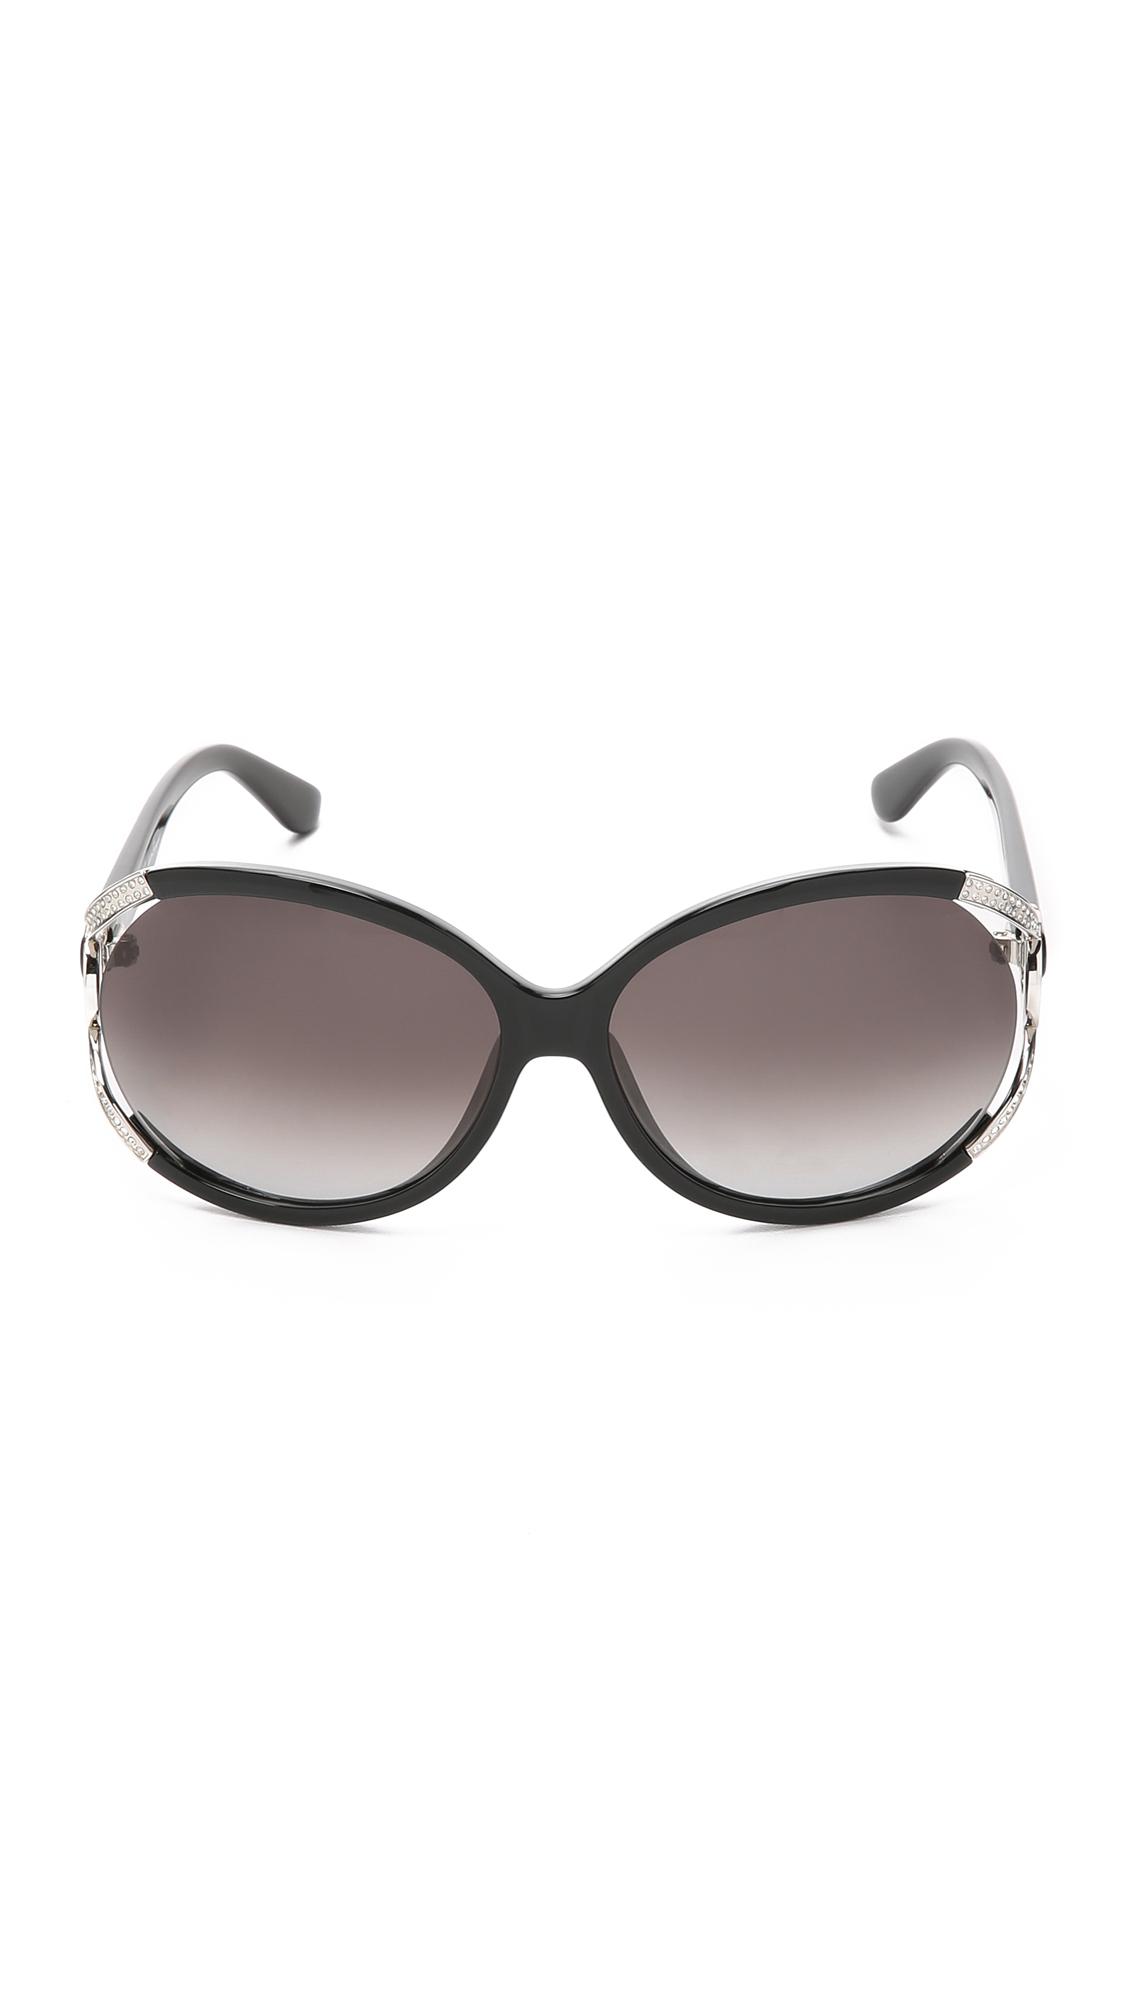 Gancino rectangle sunglasses Salvatore Ferragamo 3wgMooLJrU